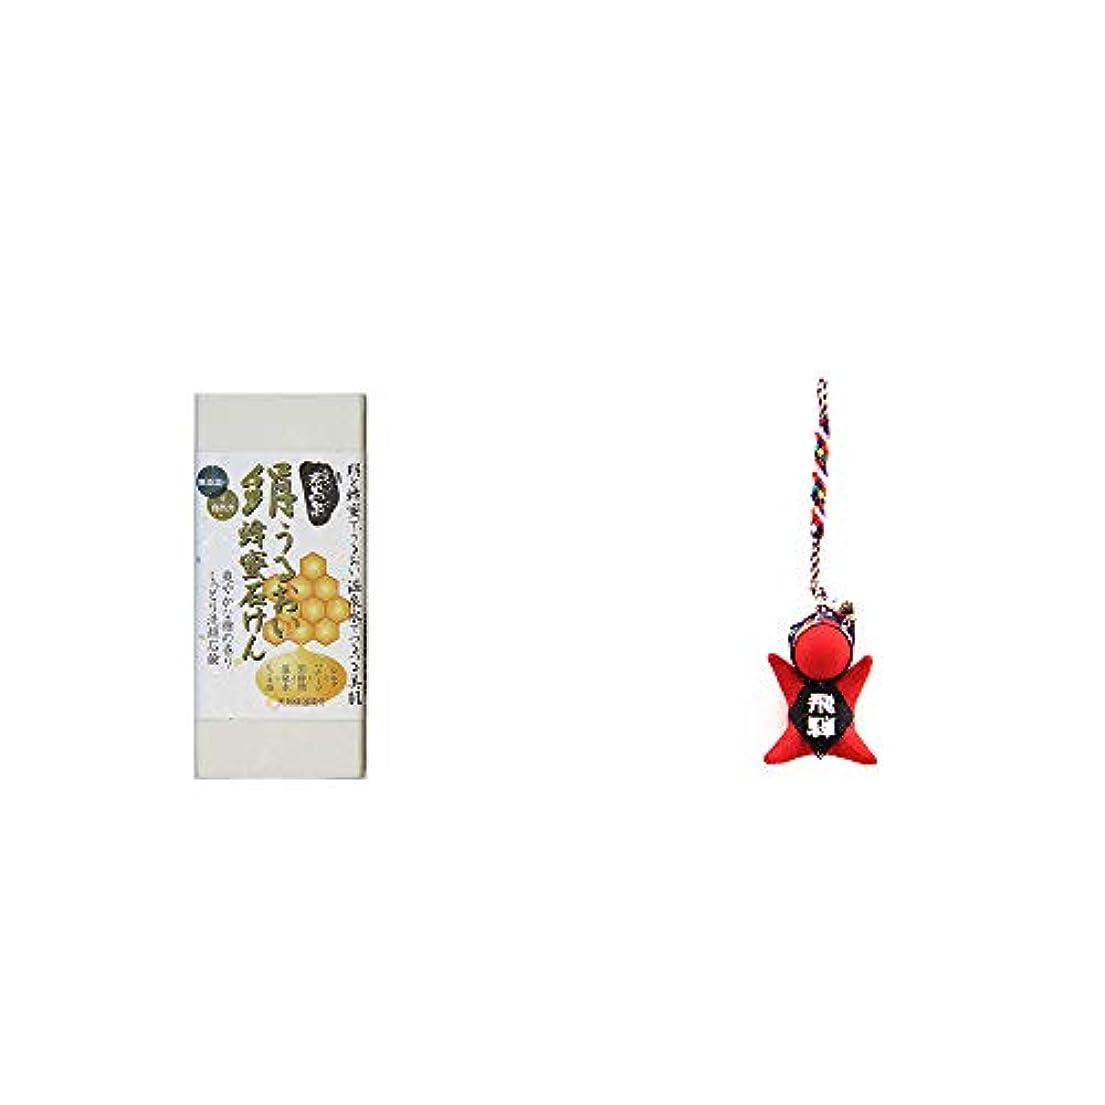 水差し愛されし者インカ帝国[2点セット] ひのき炭黒泉 絹うるおい蜂蜜石けん(75g×2)?さるぼぼ根付 【赤】/ ストラップ 縁結び?魔除け //